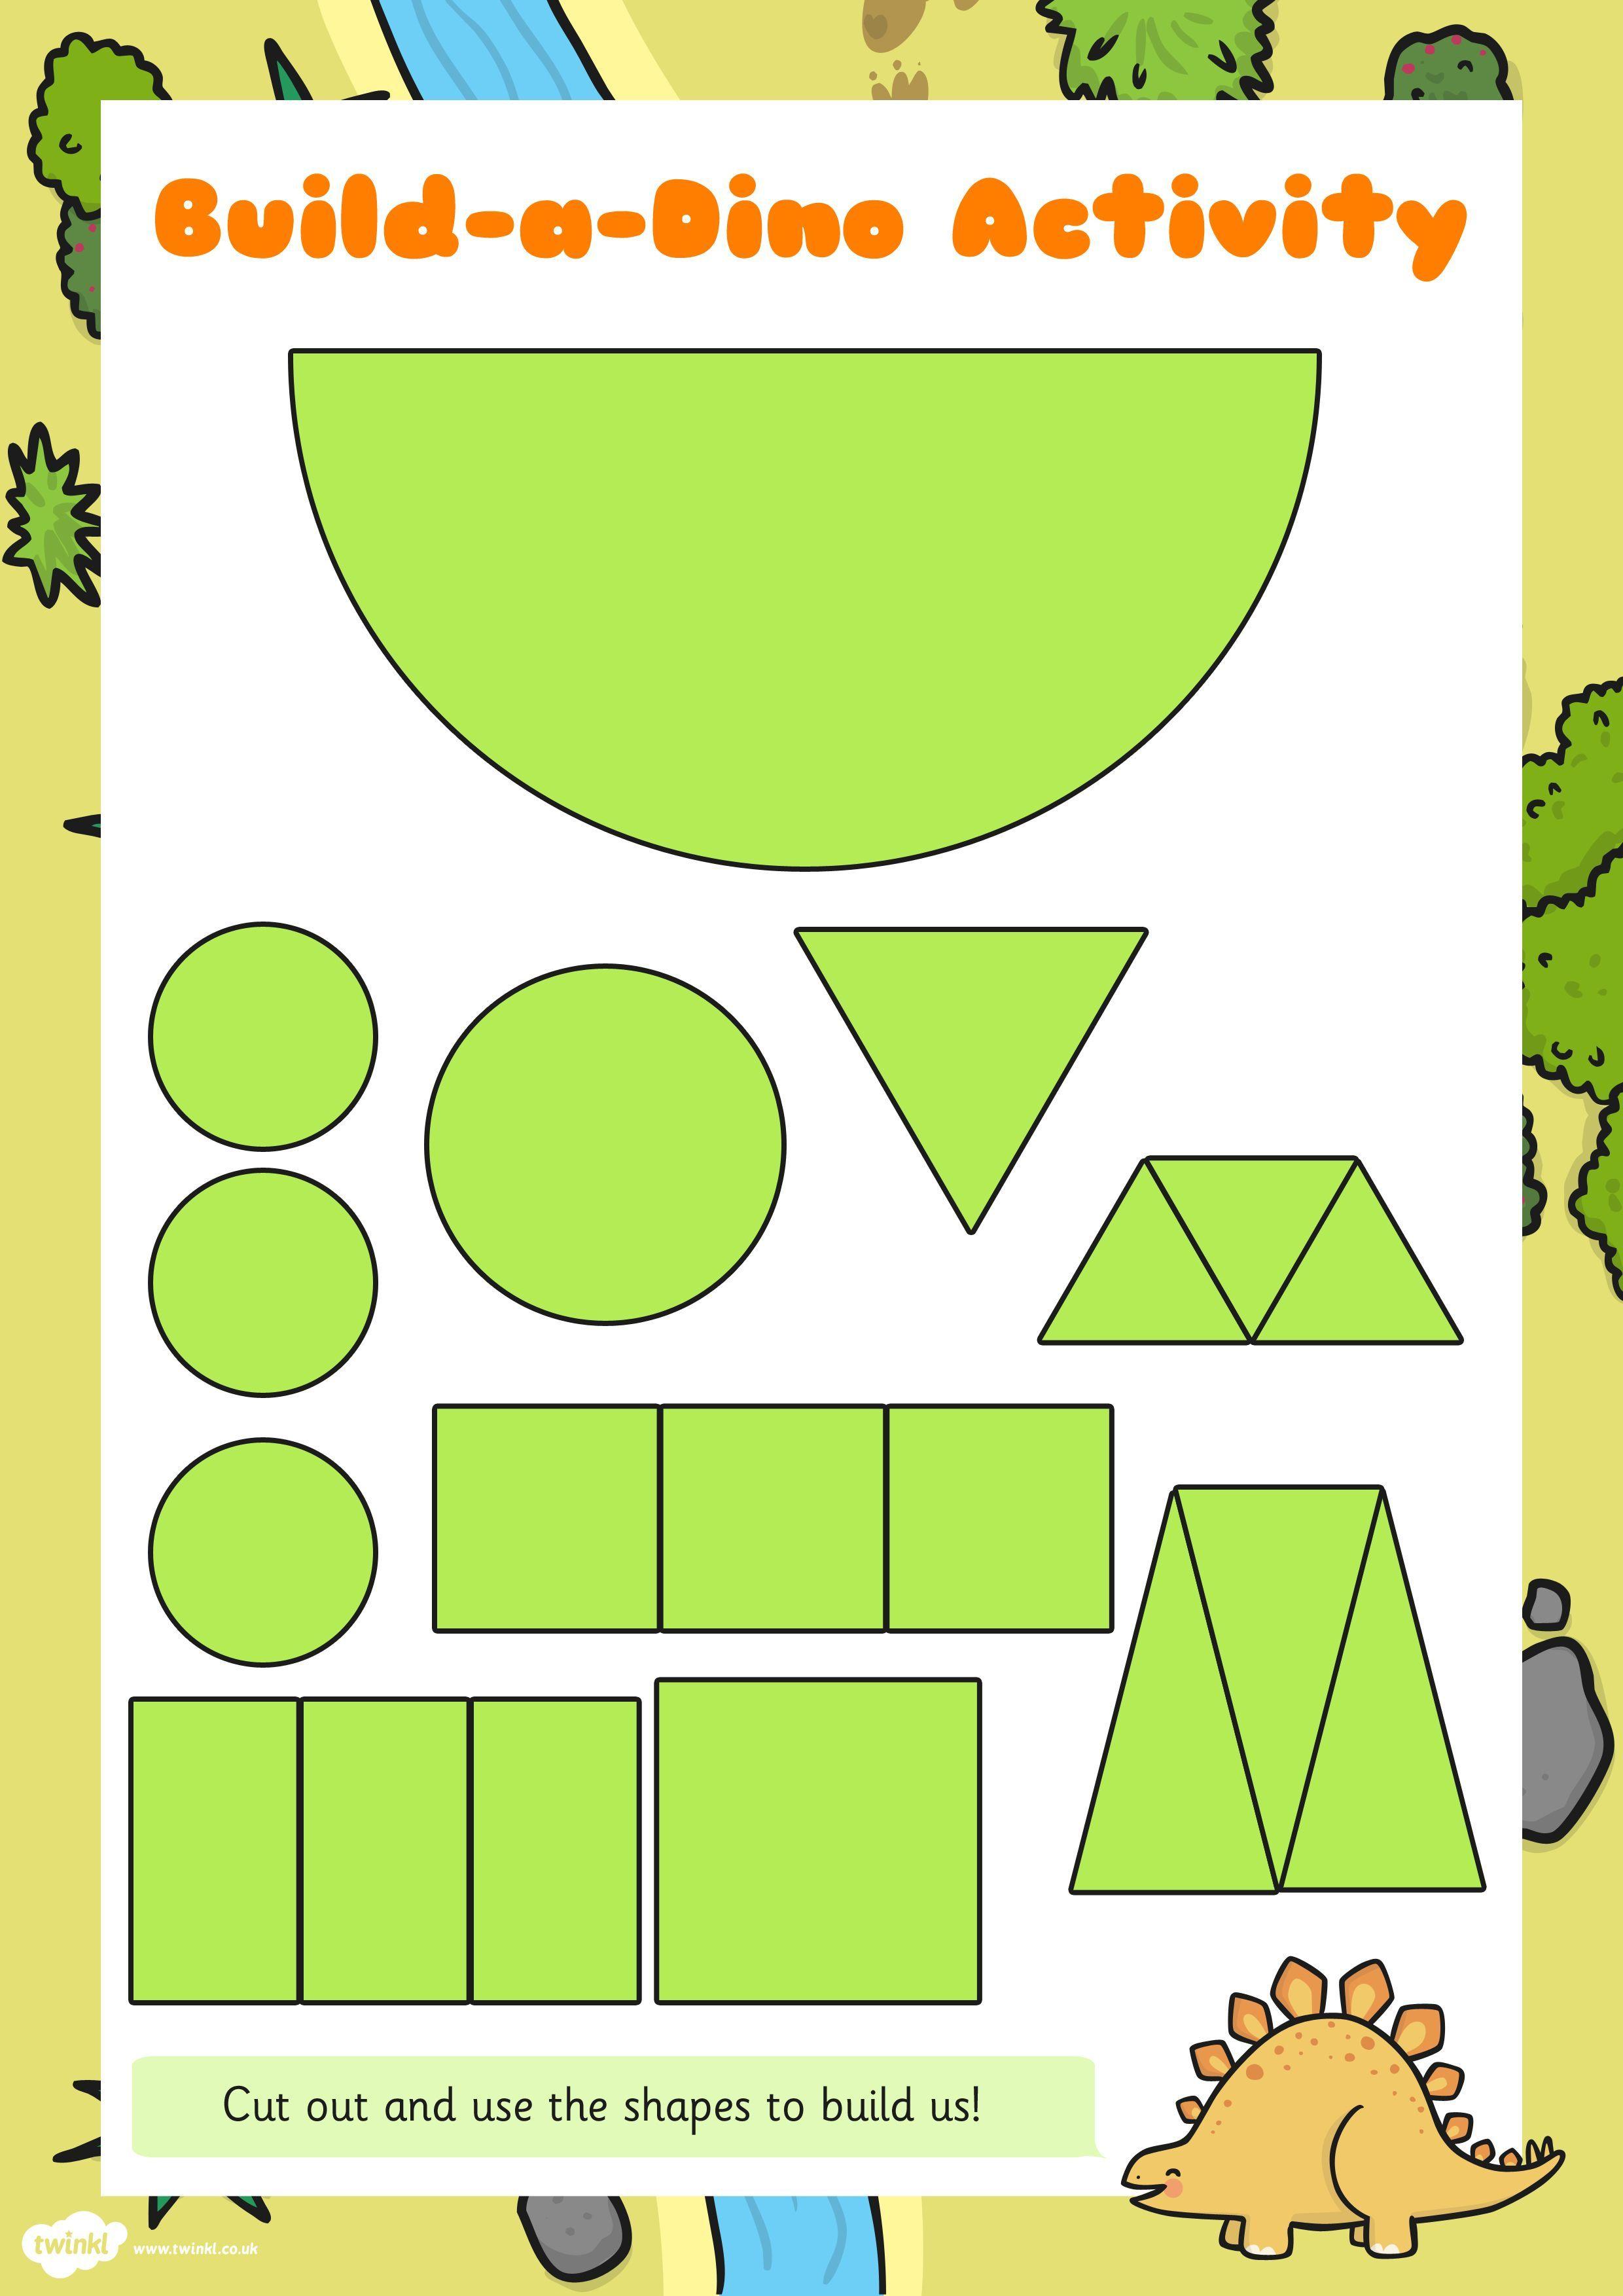 Plan D B Duplex B Elevation